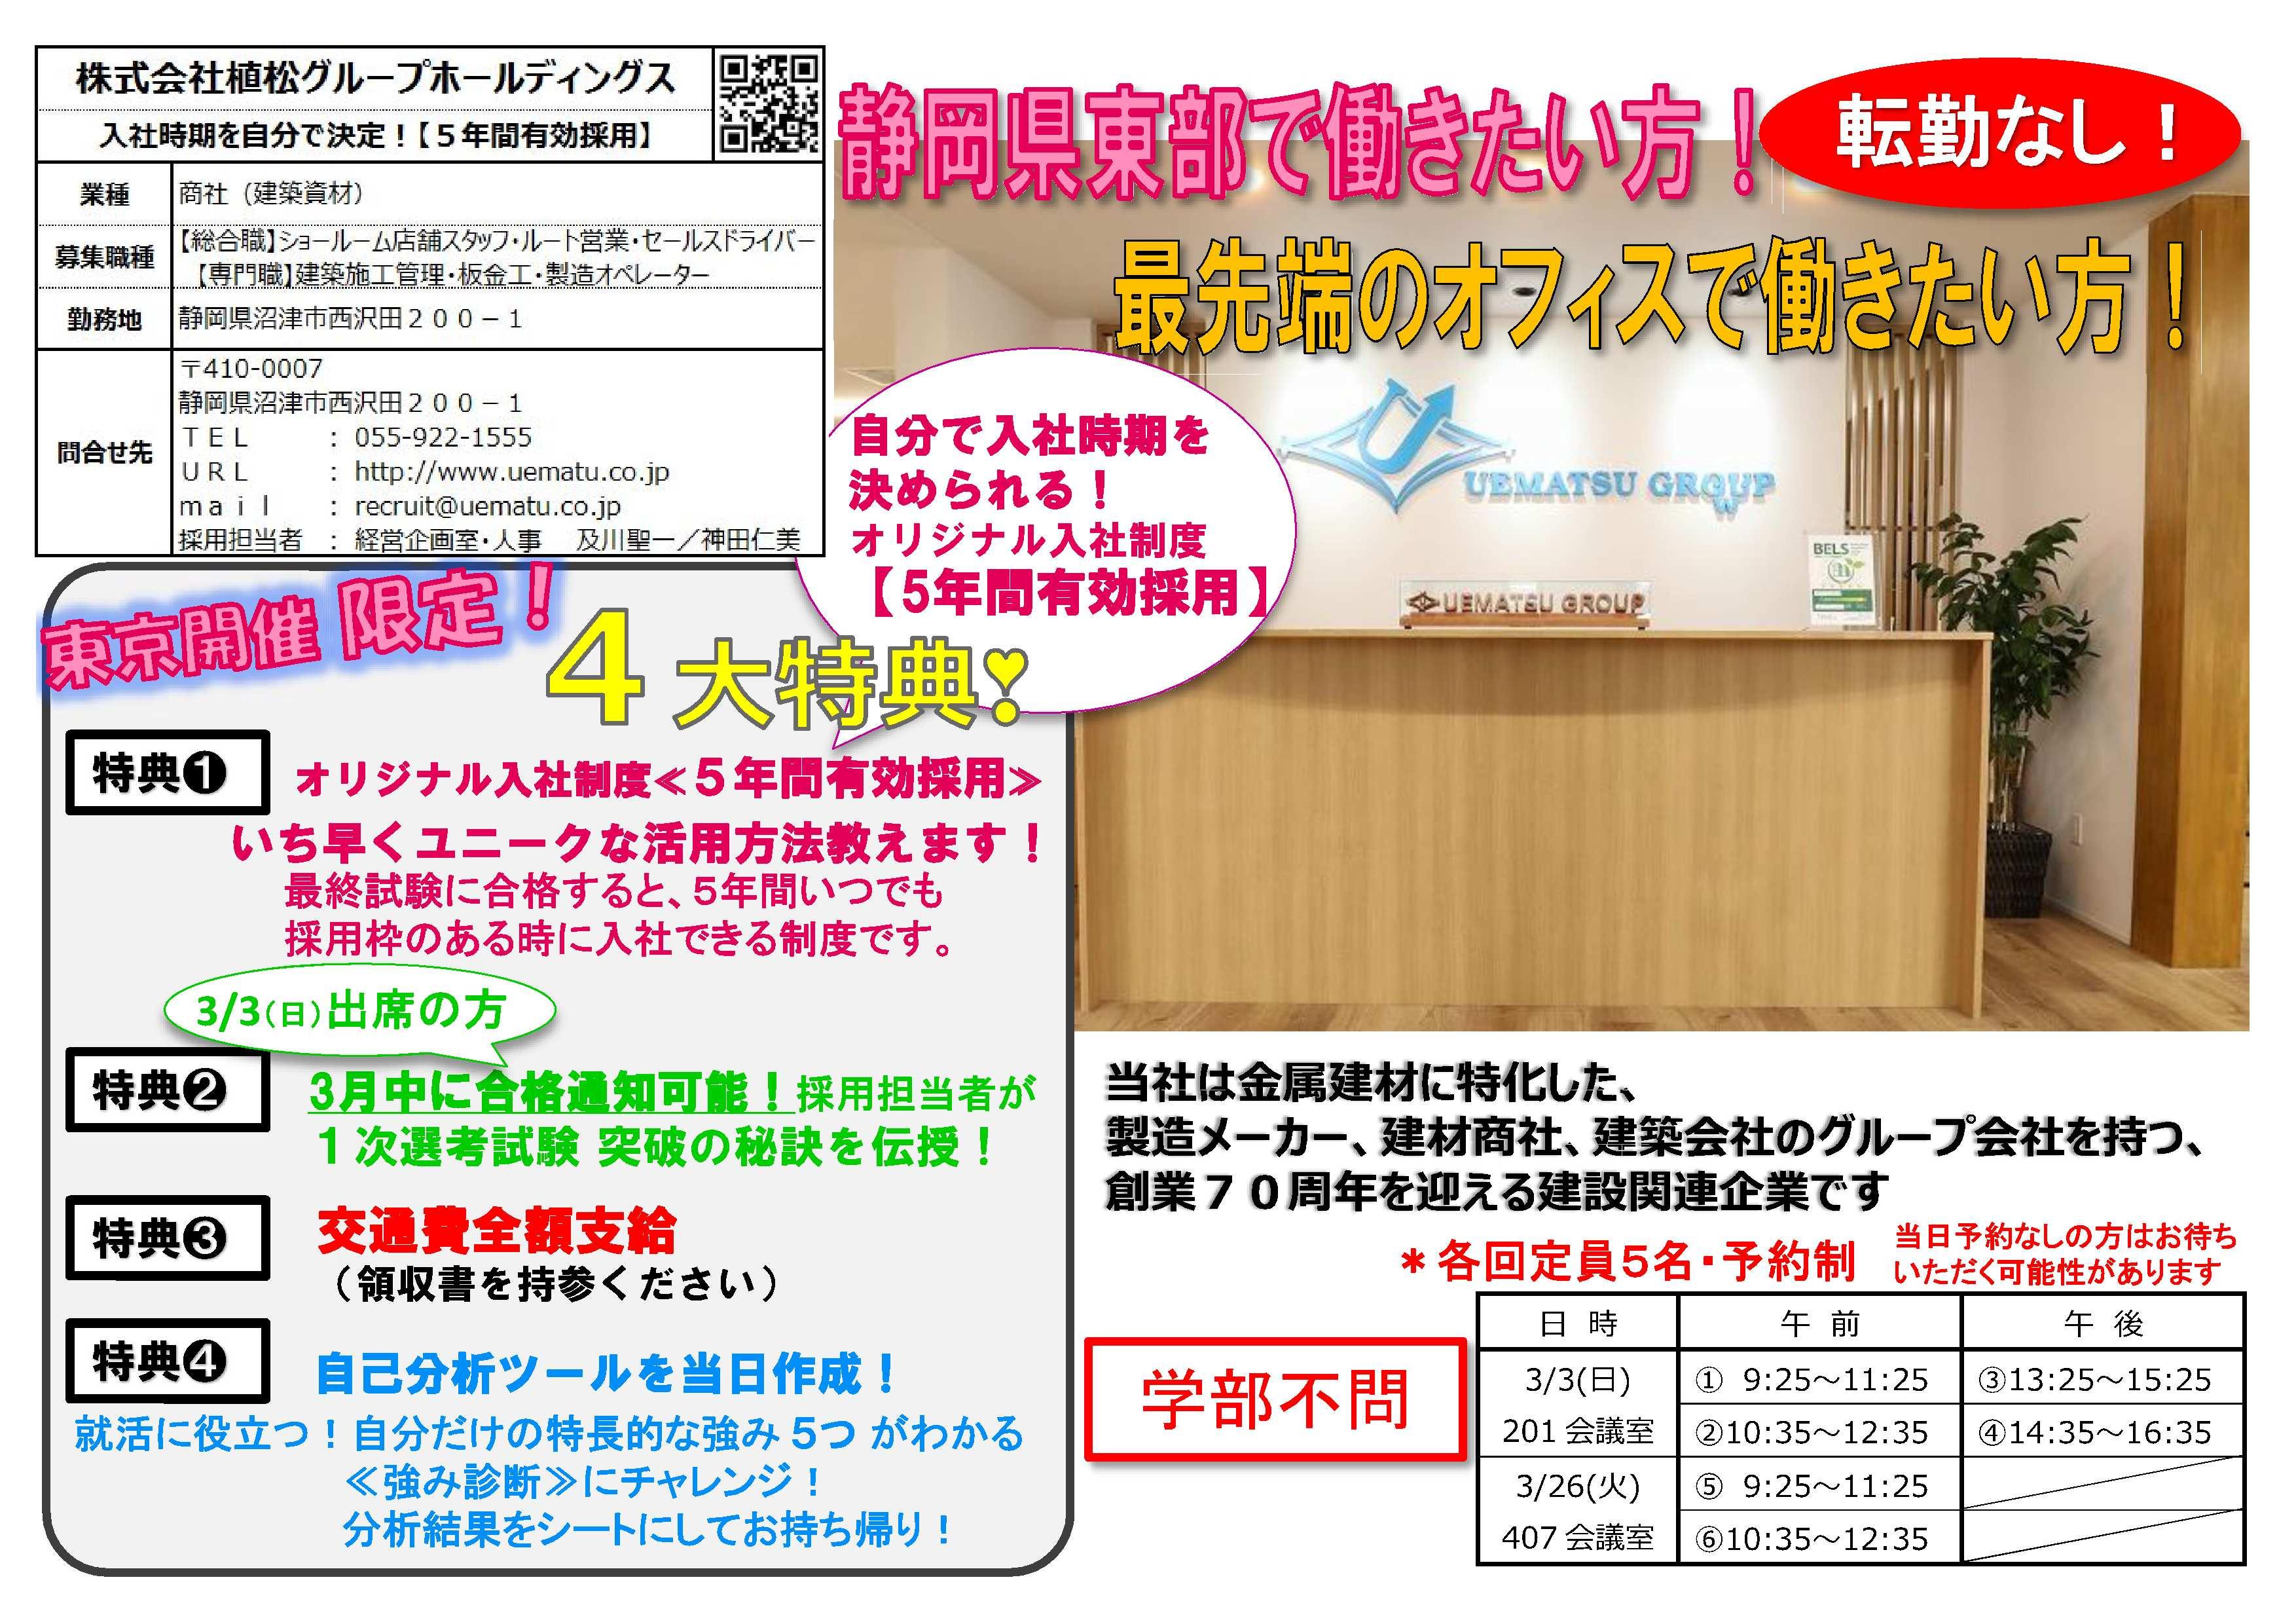 3/3(日)、3/26(火)東京説明会の予約を開始しました!